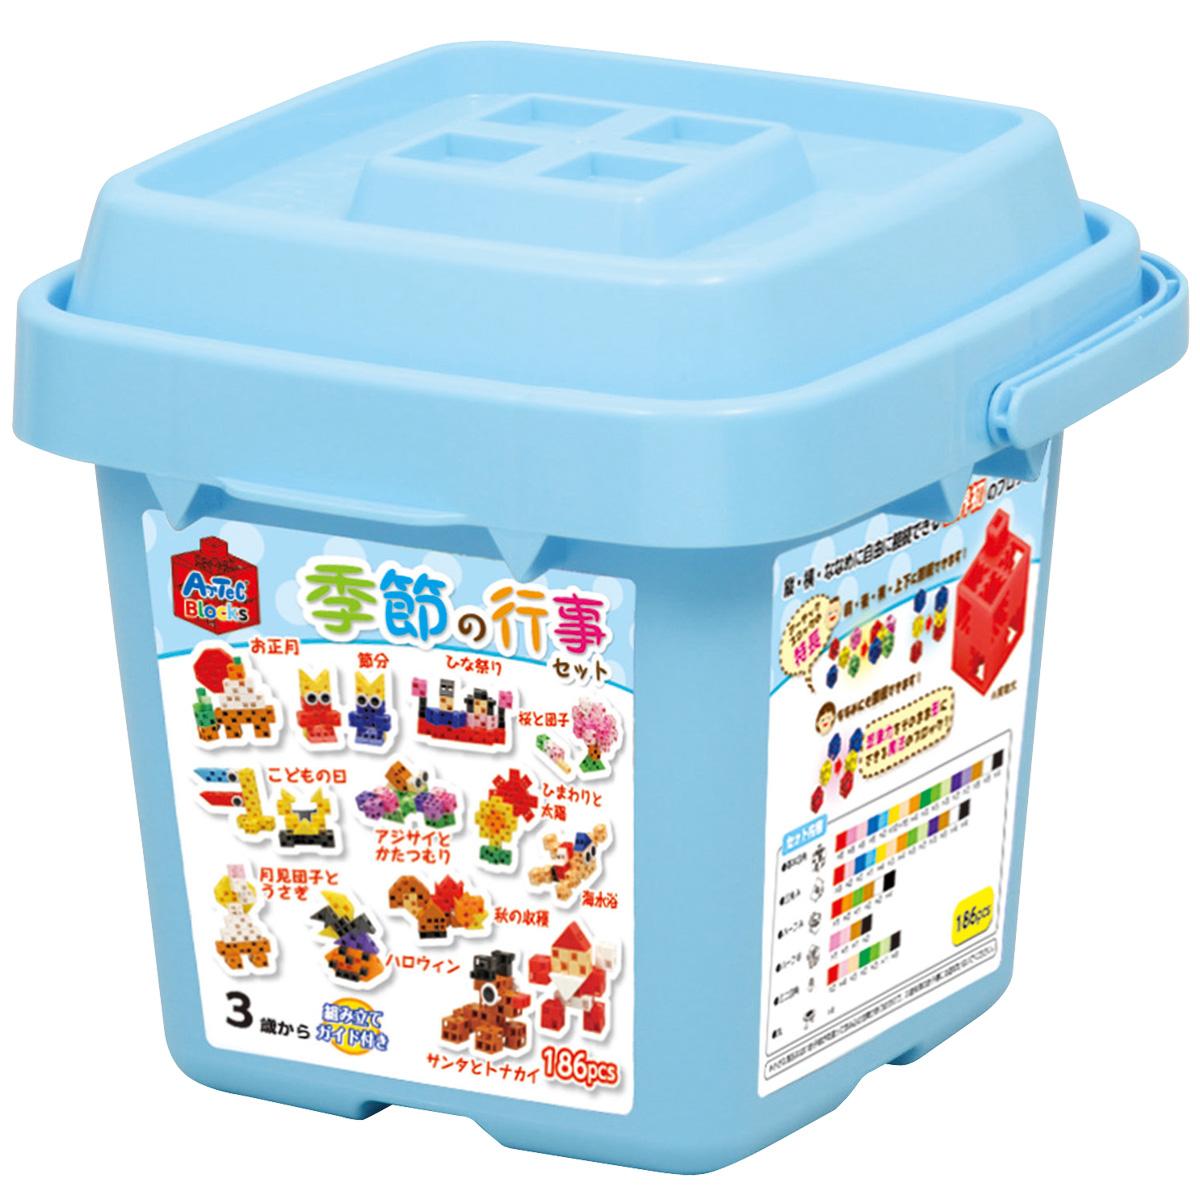 アーテックブロック Artec ブロック おもちゃ 季節セット 076749 アーテック レゴ・レゴブロックのように遊べます 基本セット